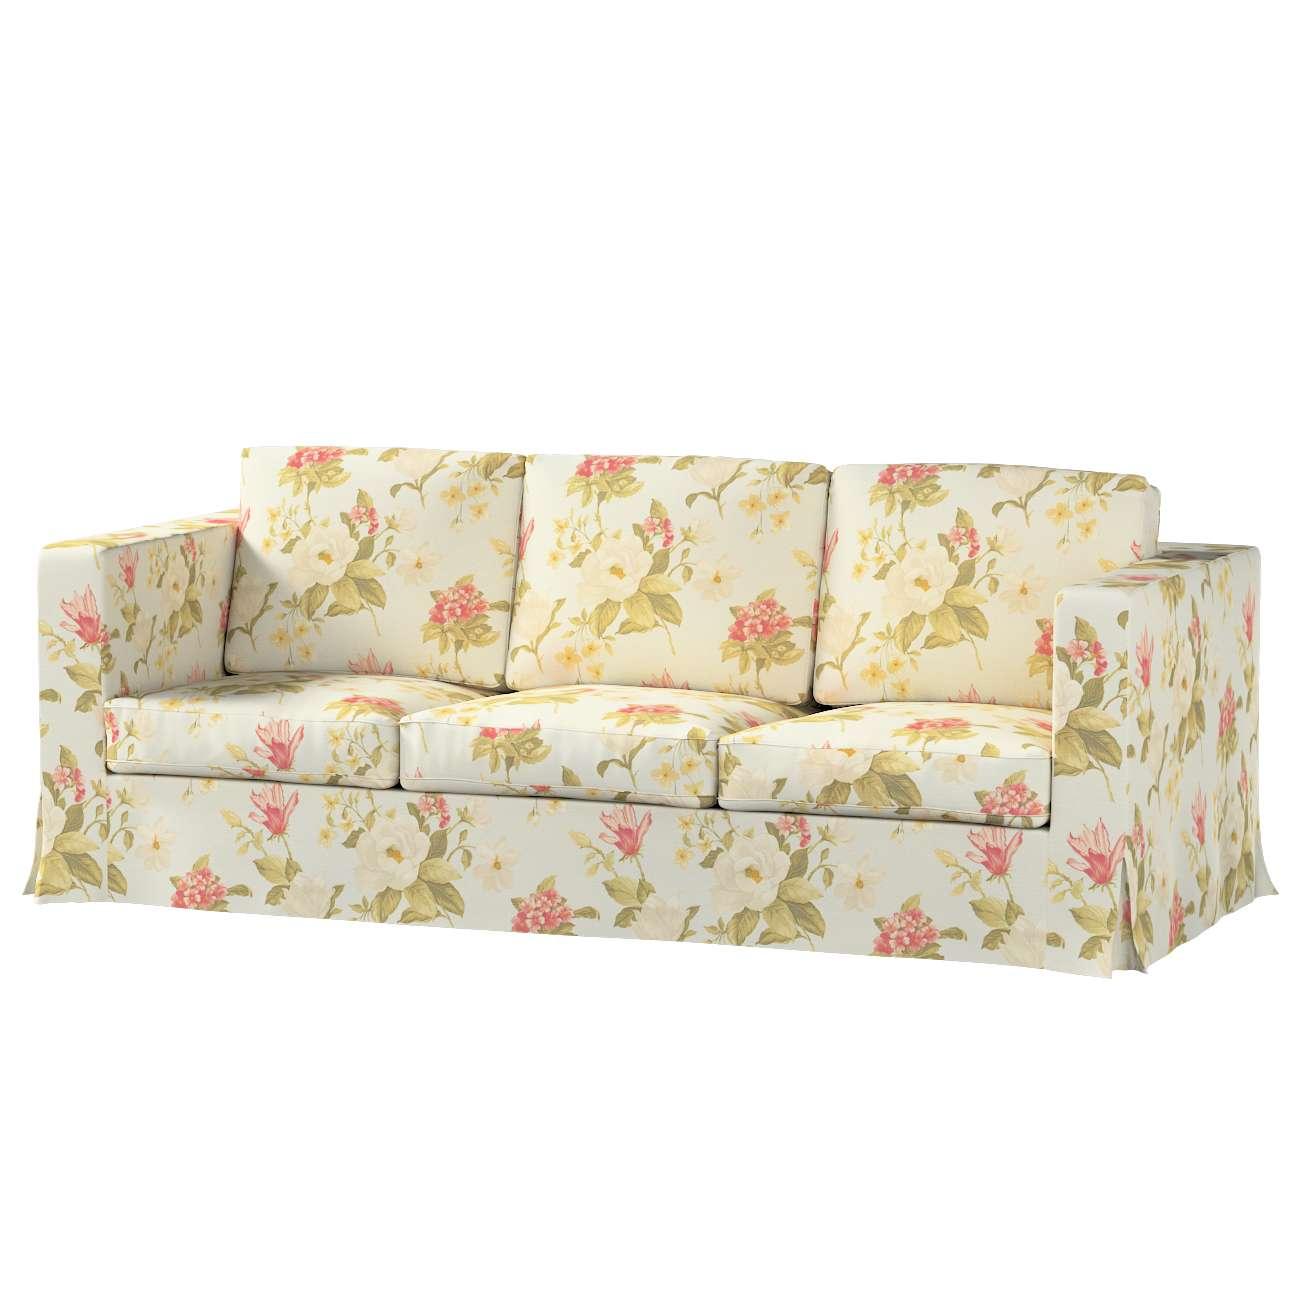 Pokrowiec na sofę Karlanda 3-osobową nierozkładaną, długi Sofa Karlanda 3-os w kolekcji Londres, tkanina: 123-65